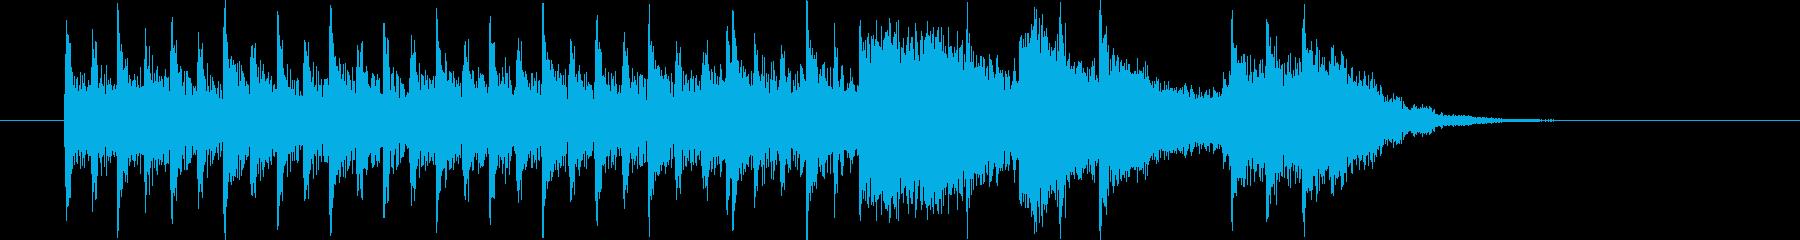 ドラムとギターの王道ロックの再生済みの波形